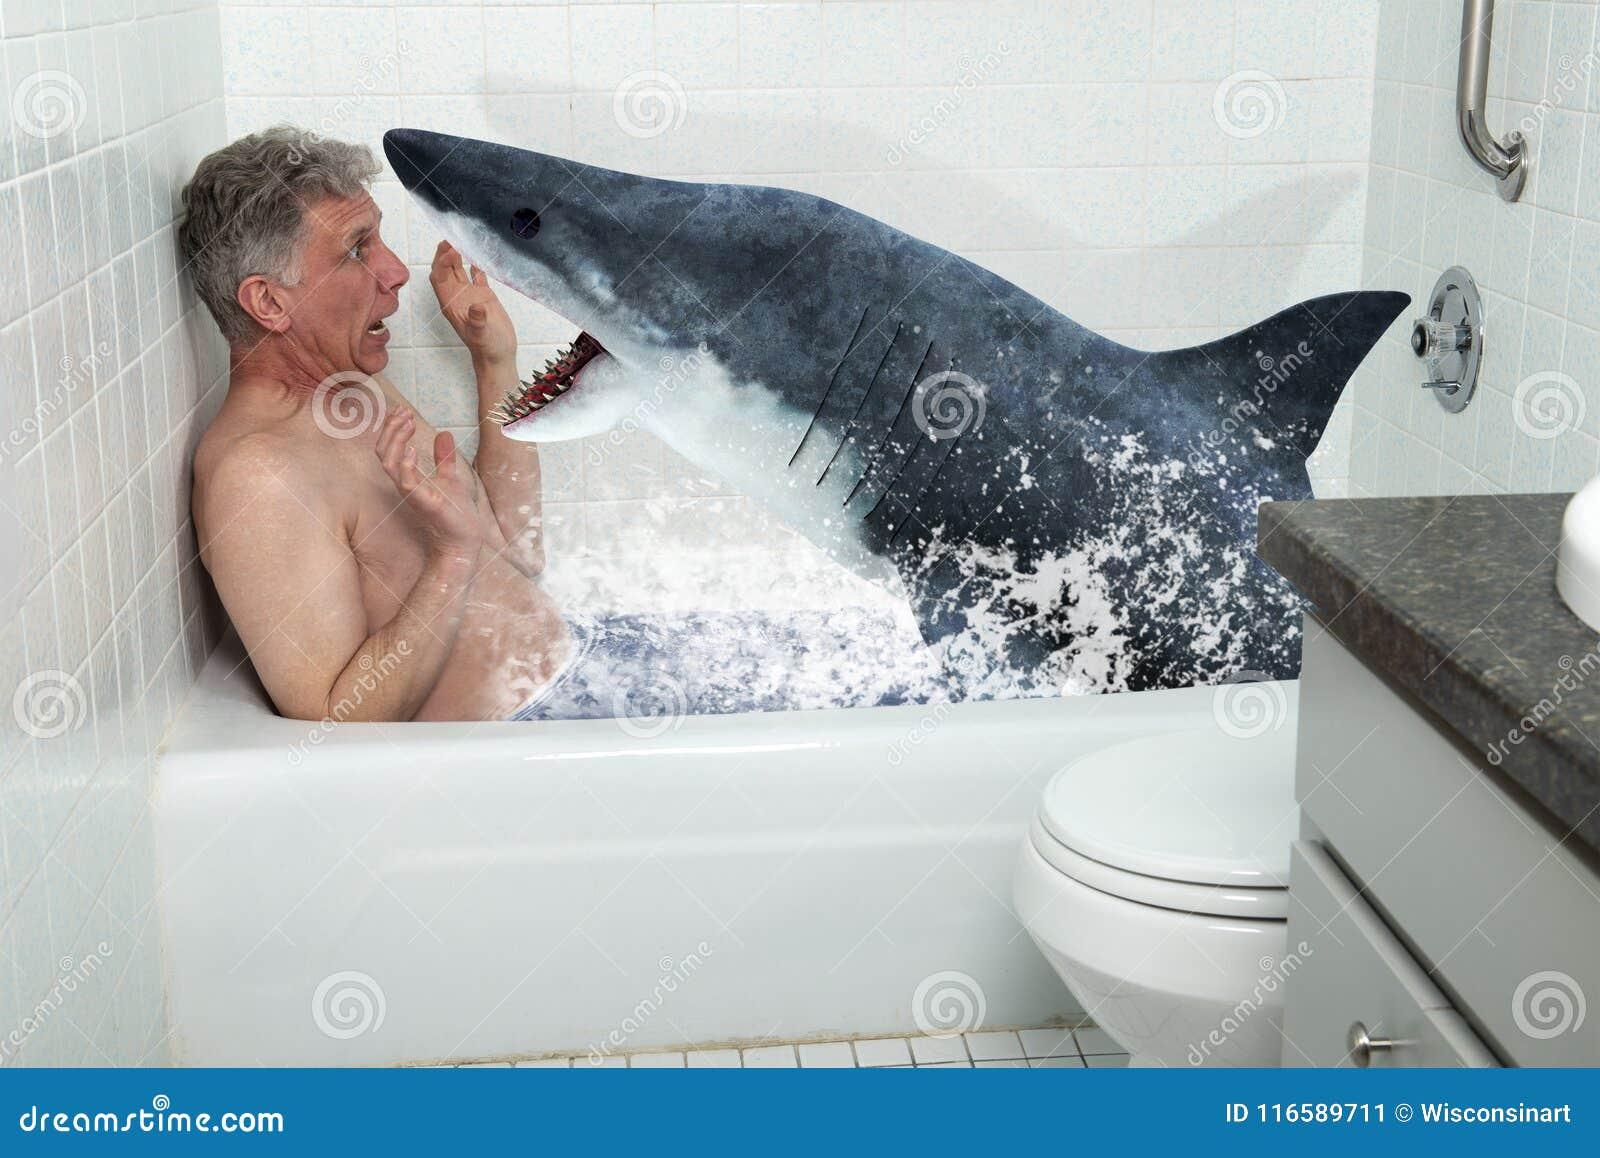 Homme Drôle Baquet Baignoire Requin Se Baignant Image Stock